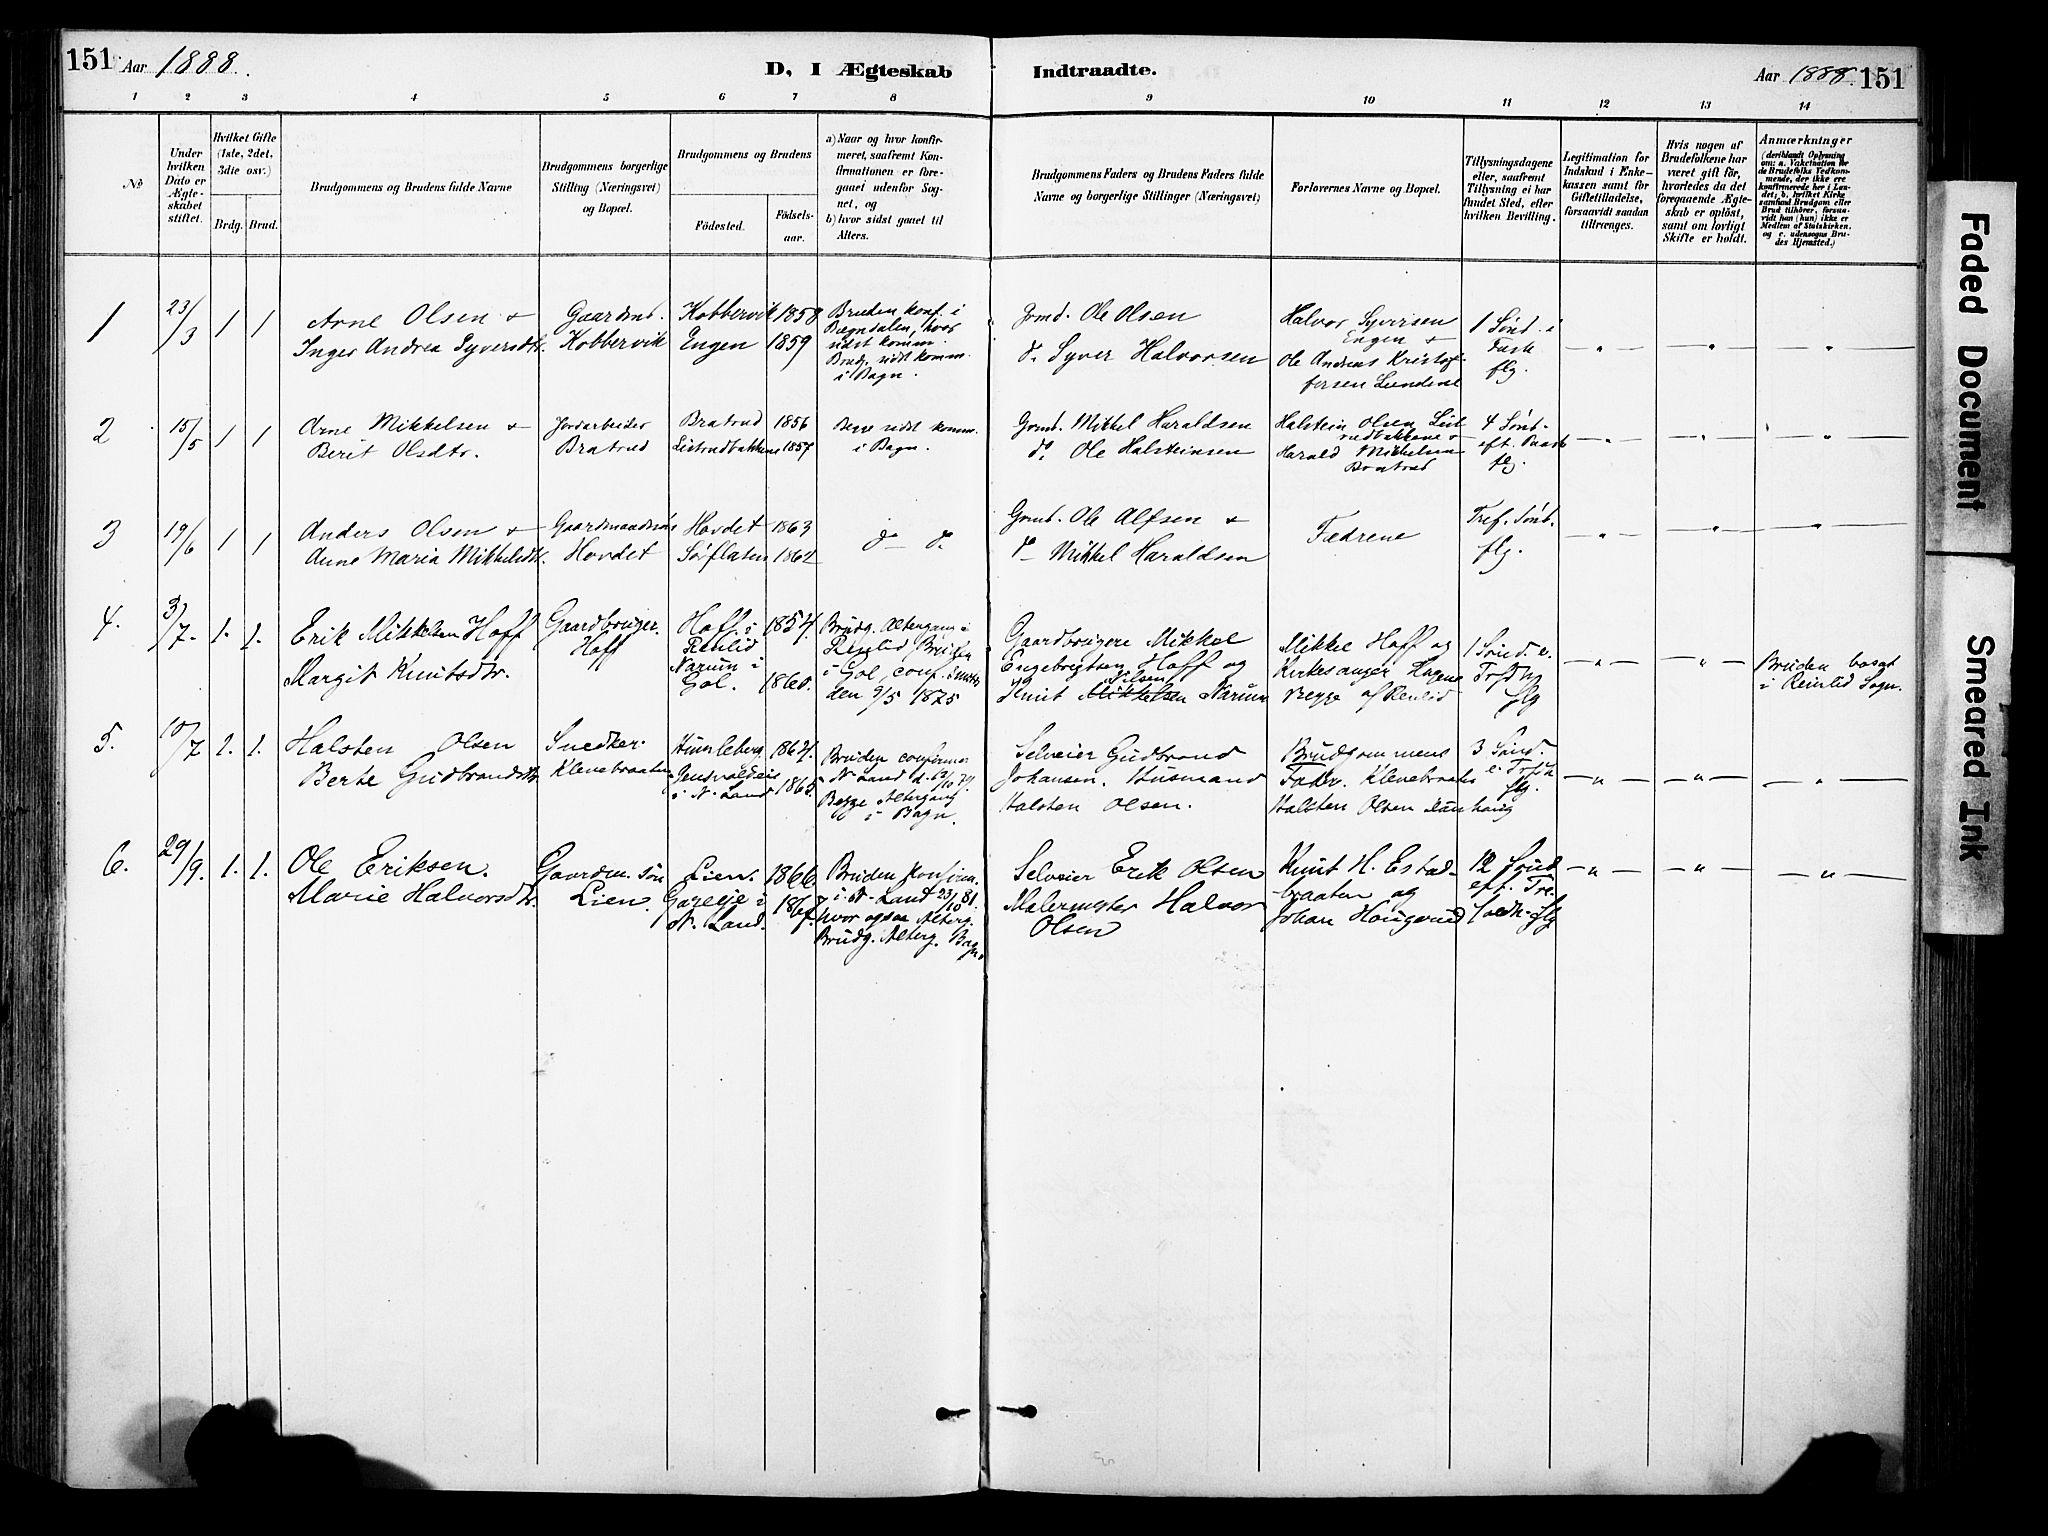 SAH, Sør-Aurdal prestekontor, Ministerialbok nr. 9, 1886-1906, s. 151